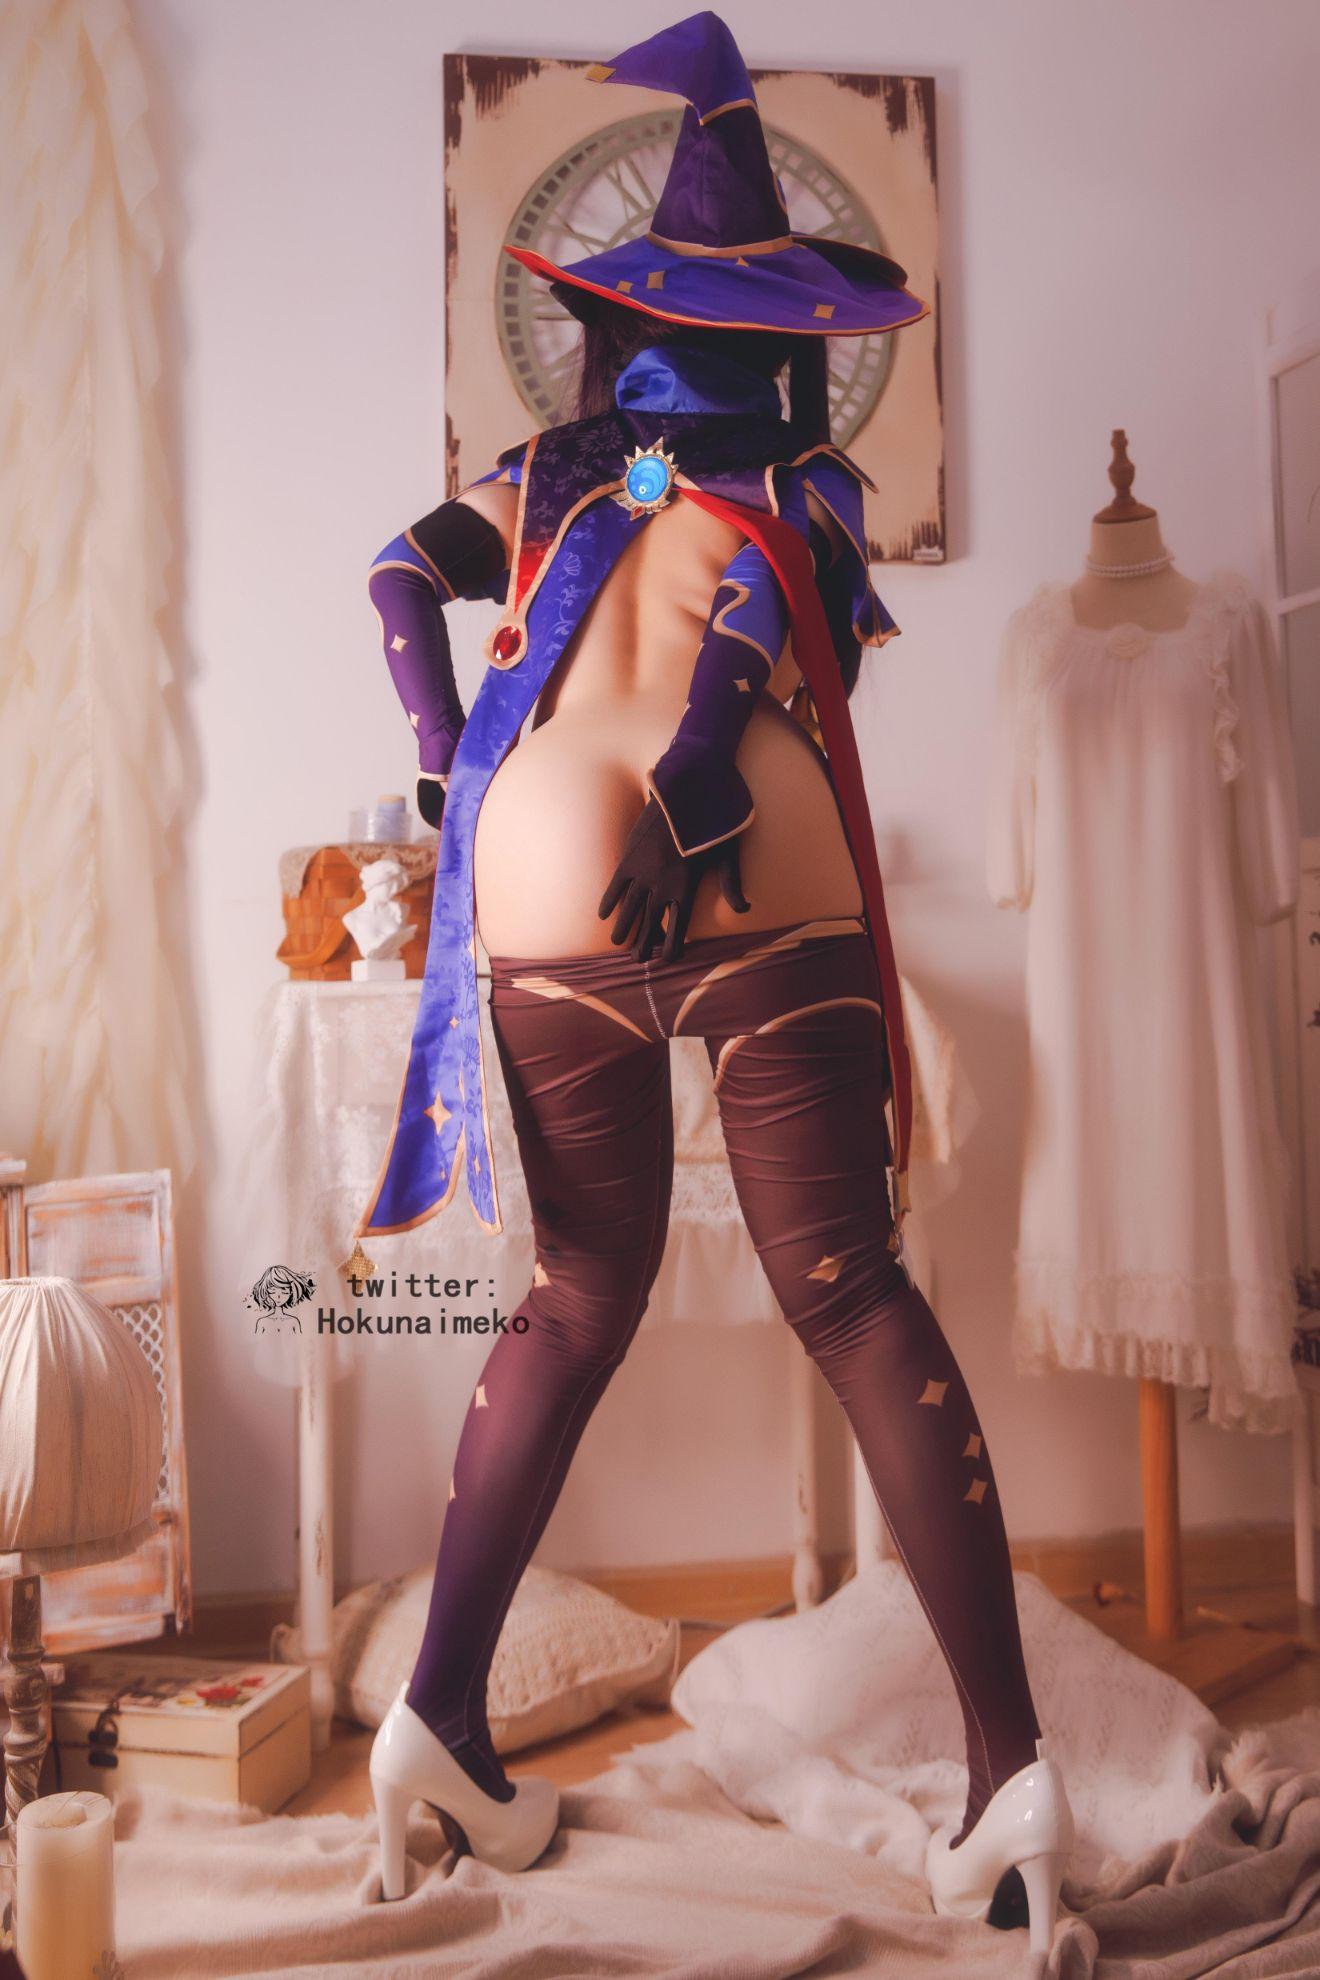 GenshinImpact Mona EroCosplay by Hokunaimeko 22